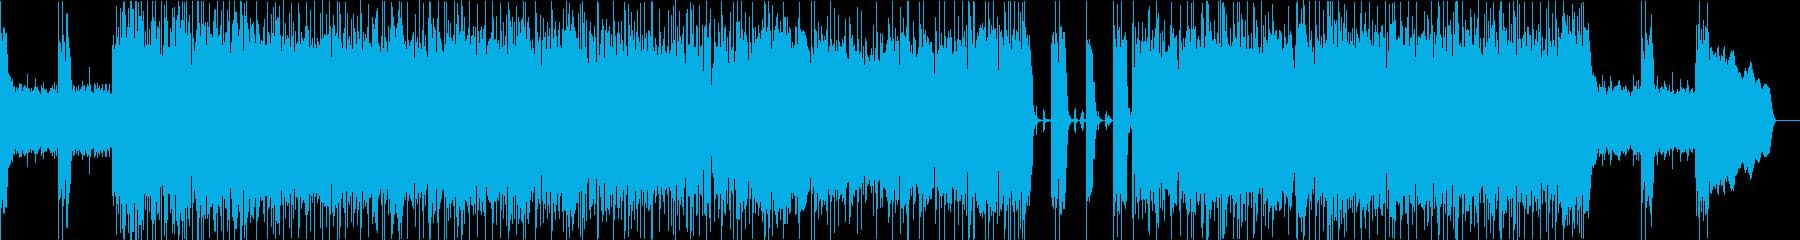 ギター生演奏!アップテンポなロックBGMの再生済みの波形